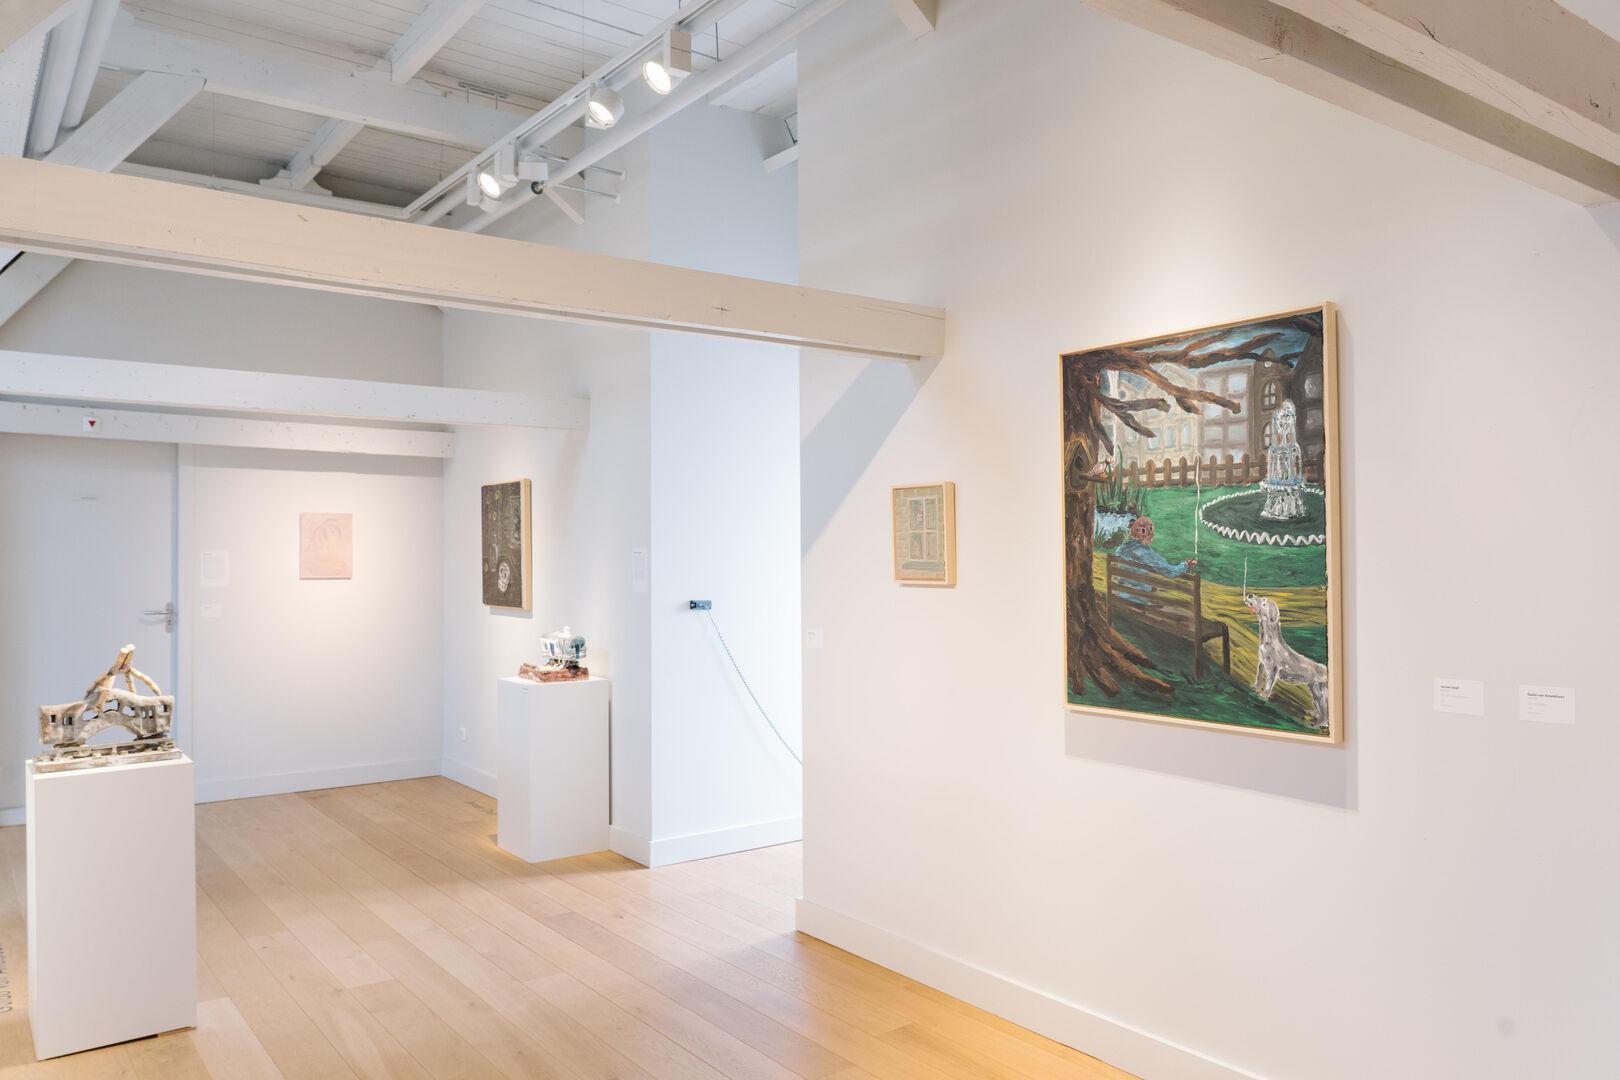 Museum Jan Cunen_opening_3oktober2020_Fotograaf_Almicheal_Fraay-2